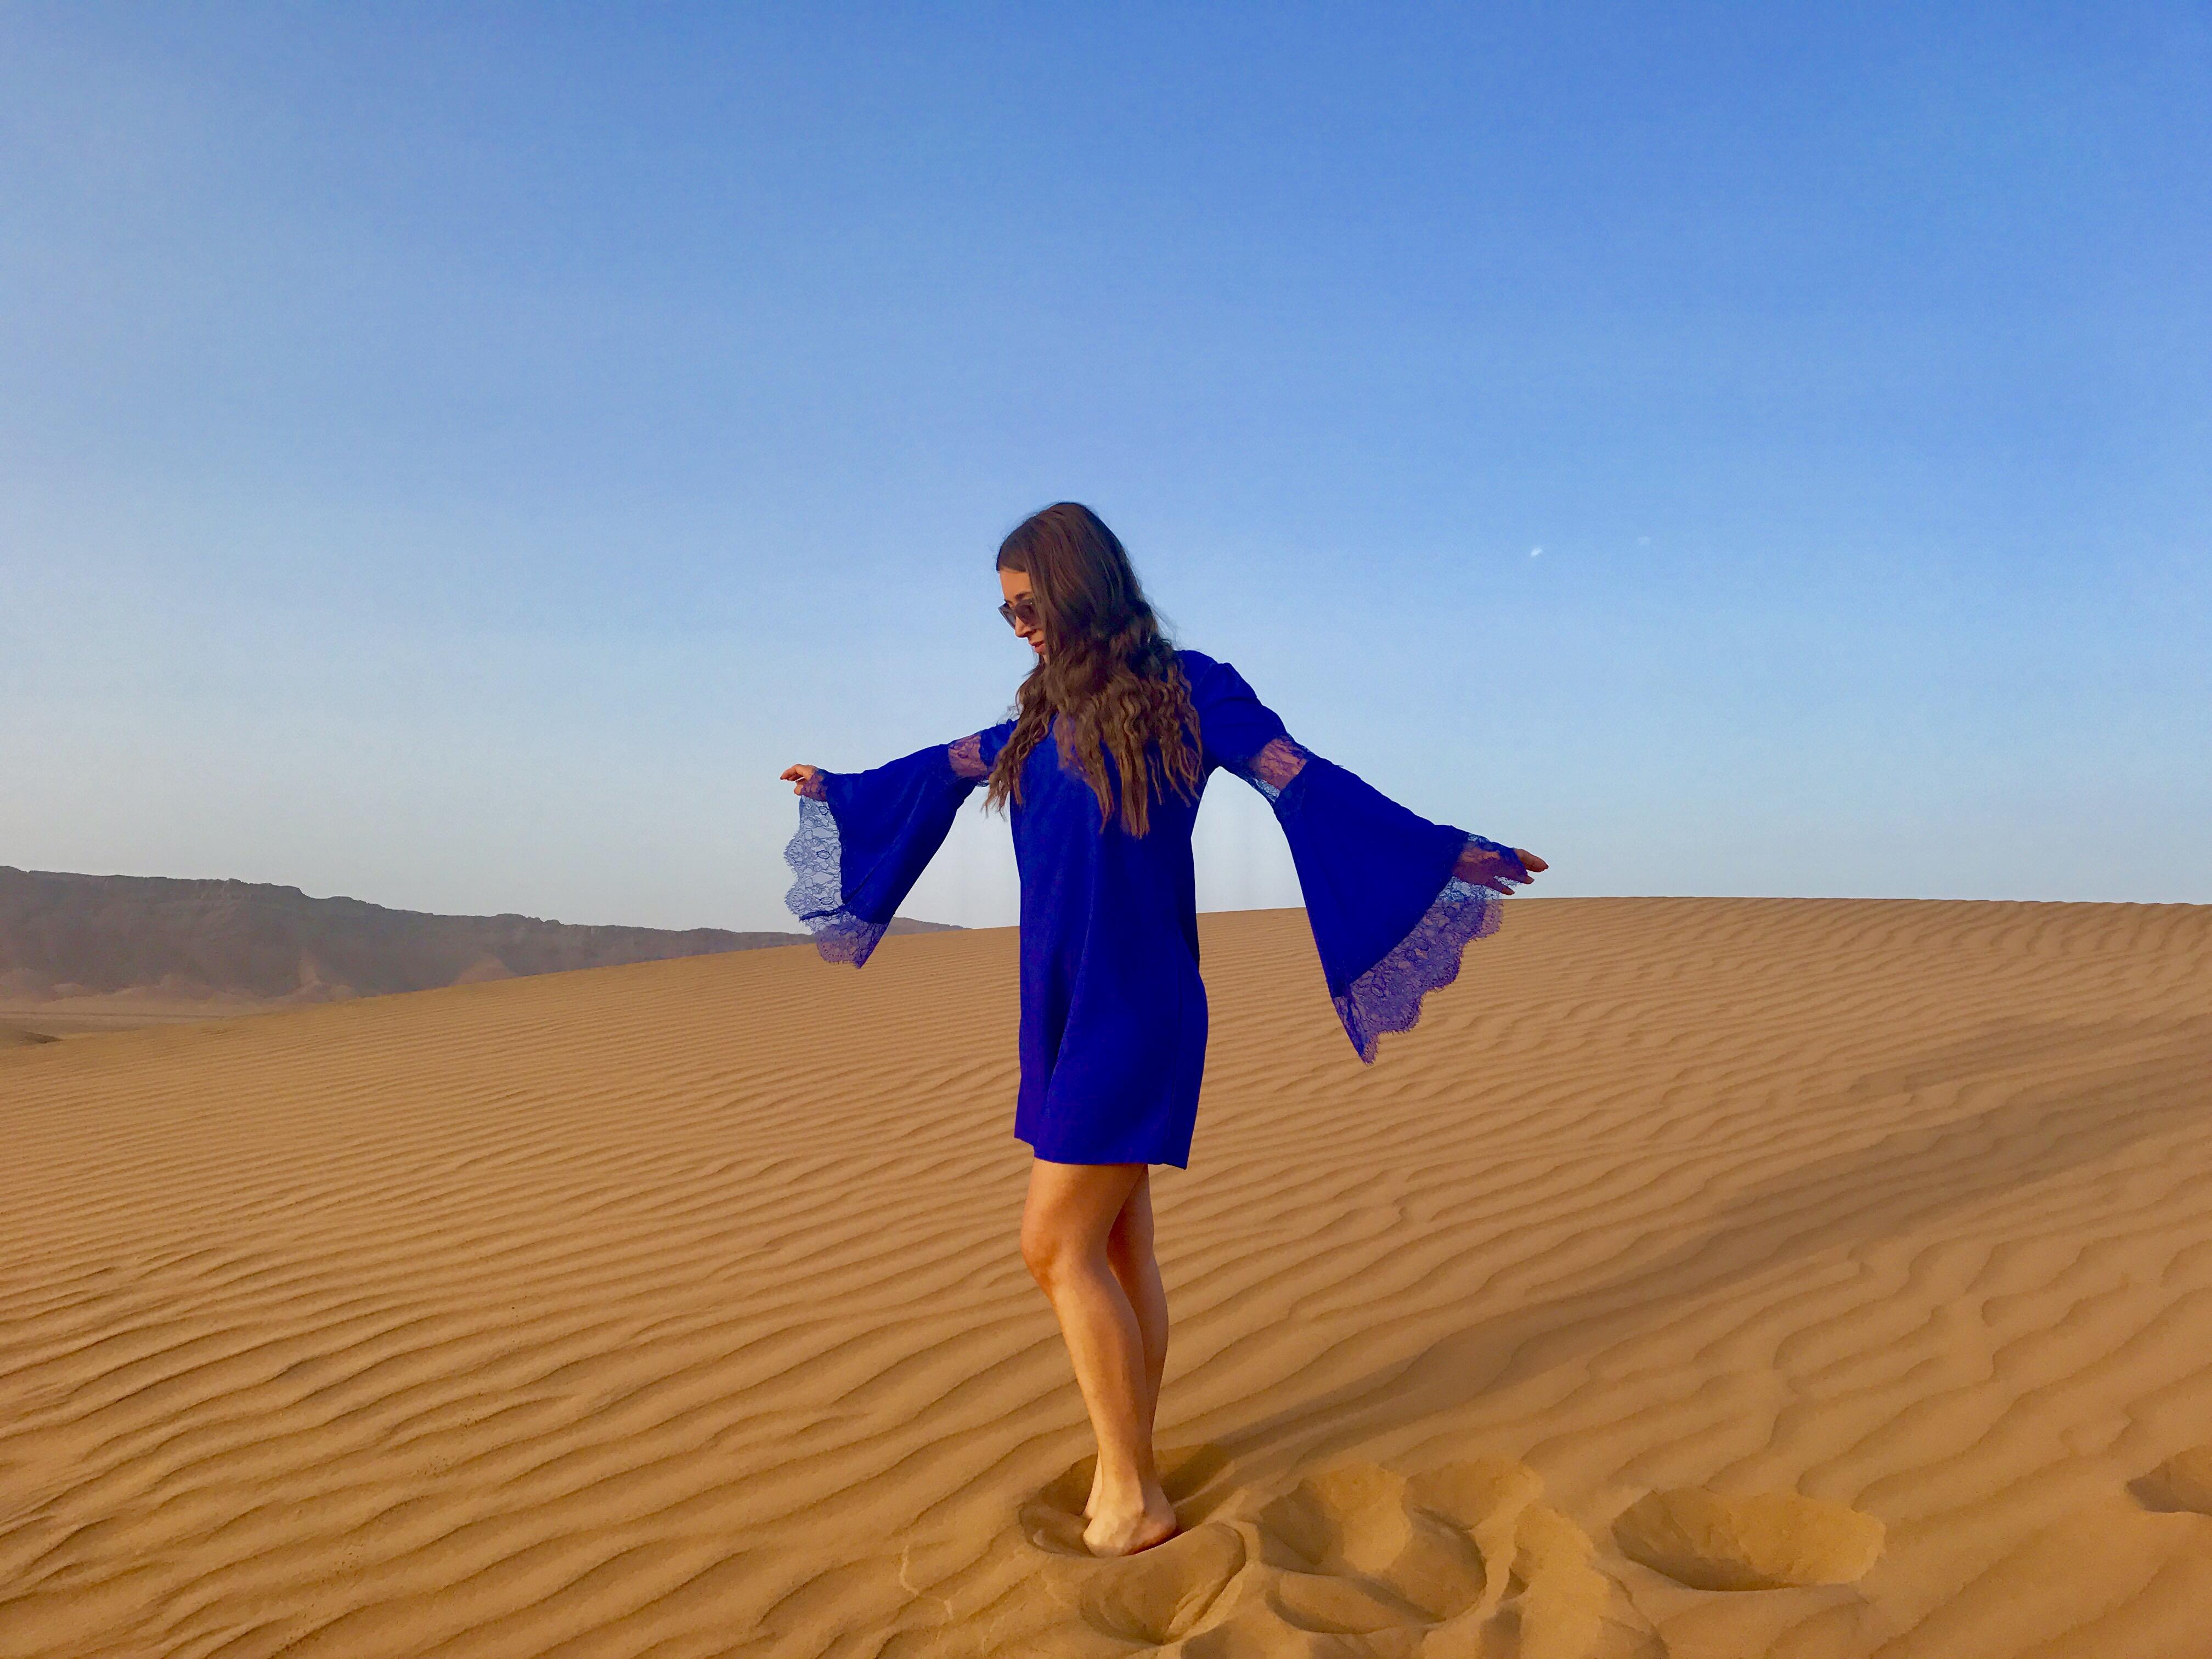 carlotta_desert_morocco_lustforthesublime